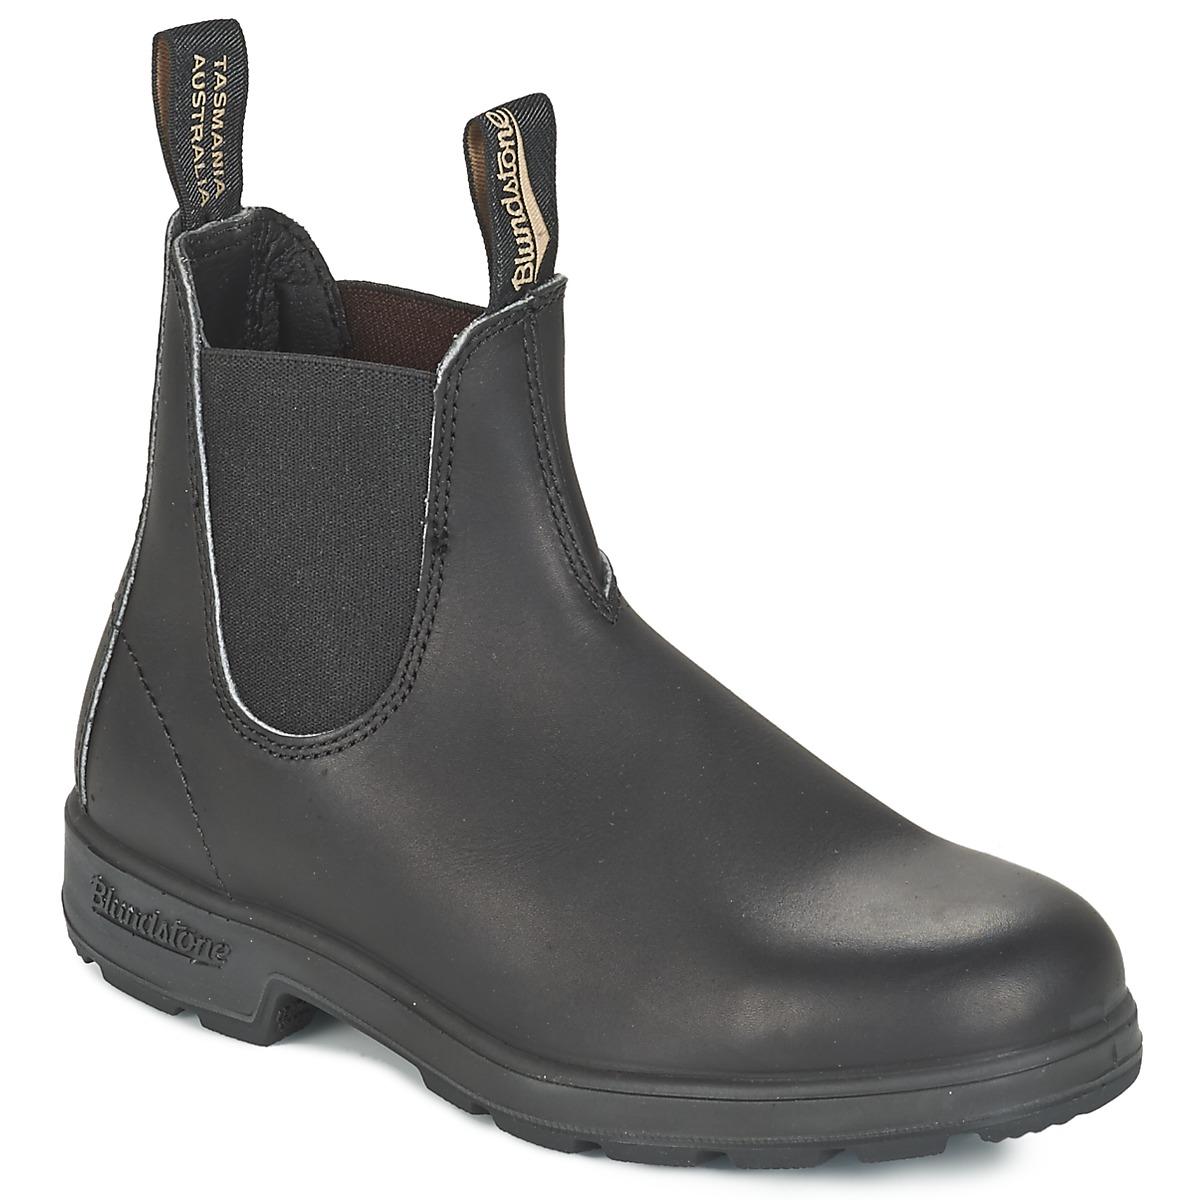 Blundstone CLASSIC BOOT Nero / Marrone - Consegna gratuita   Spartoo.it ! -  Scarpe Stivaletti 175,00 €